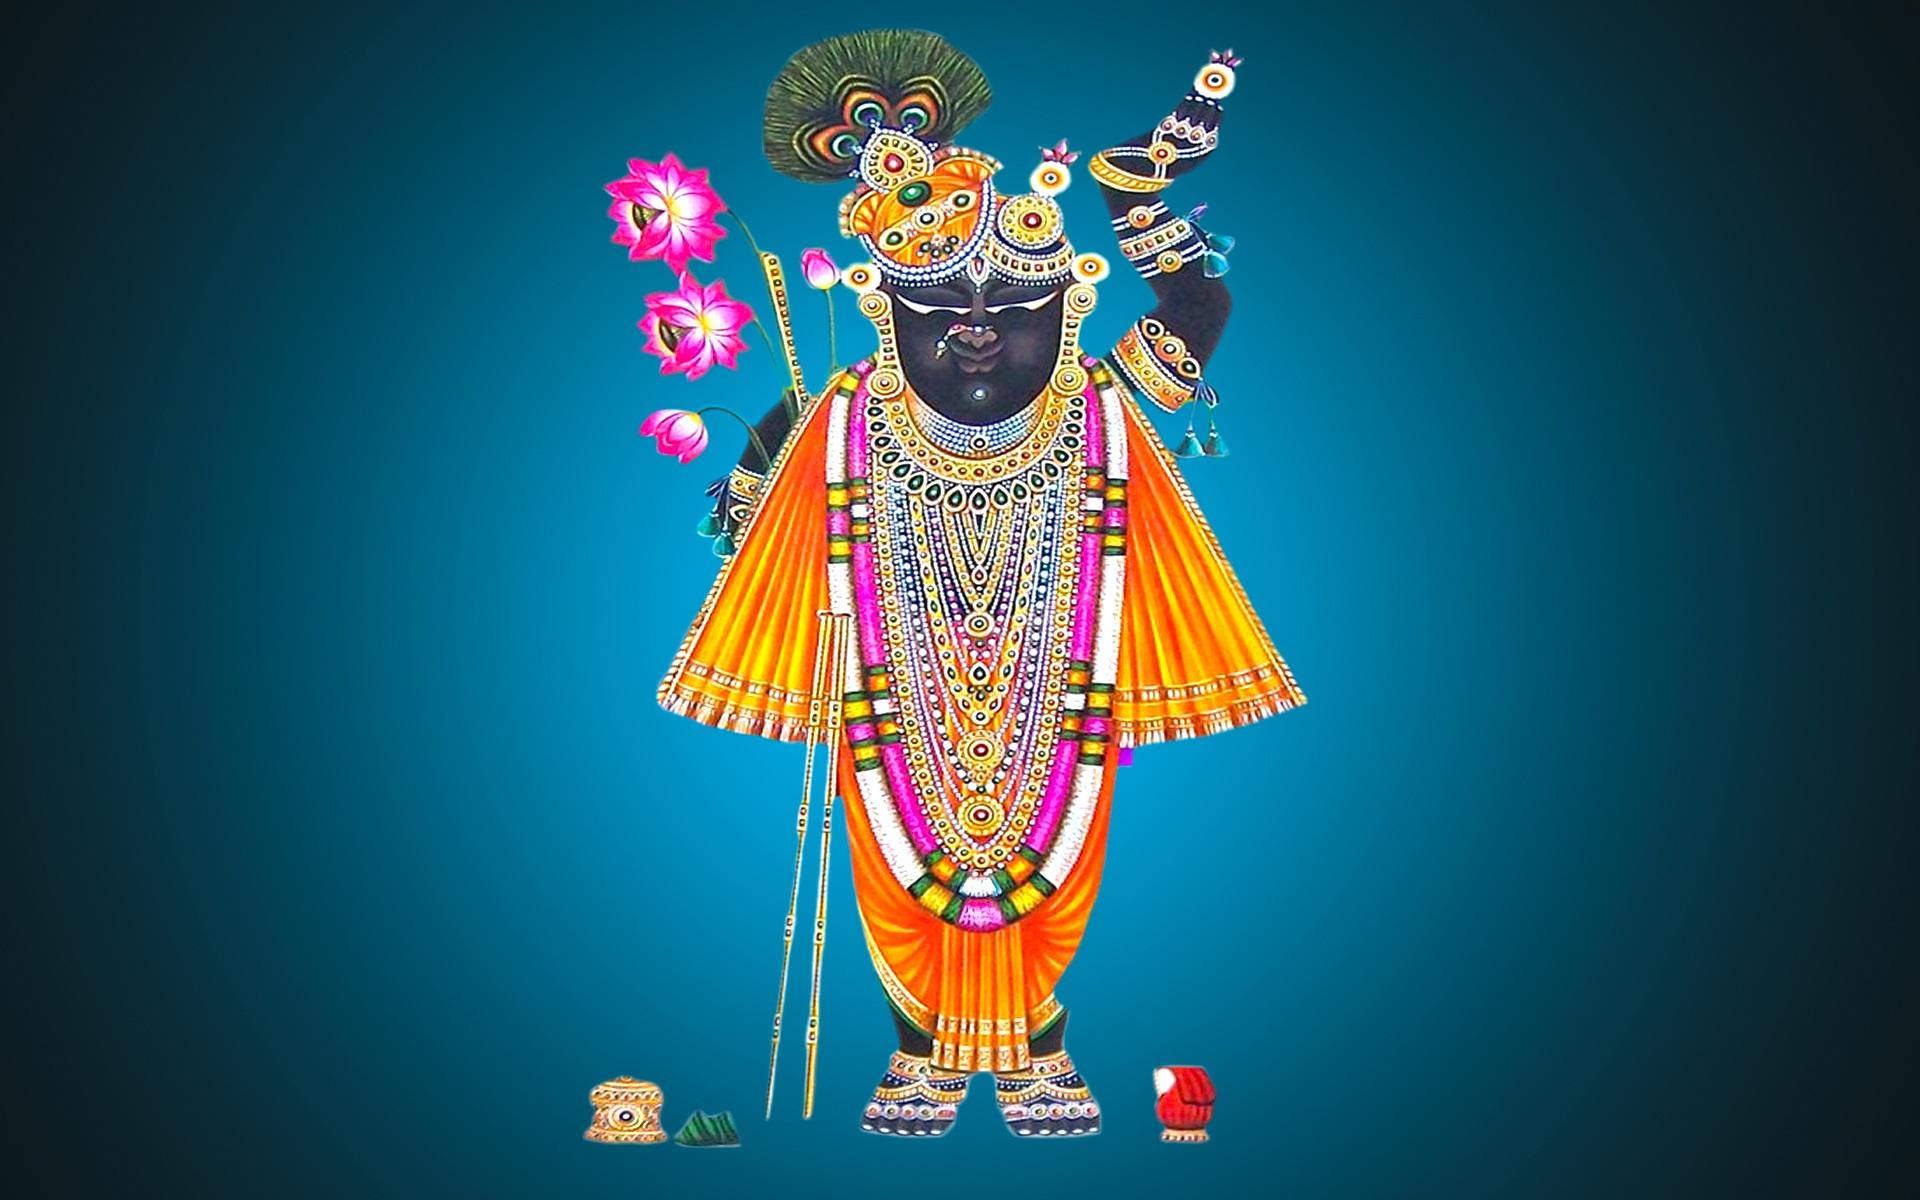 Lord Shiva Hd Wallpapers For Pc God Shreenathji Hd Wallpapers Wordzz